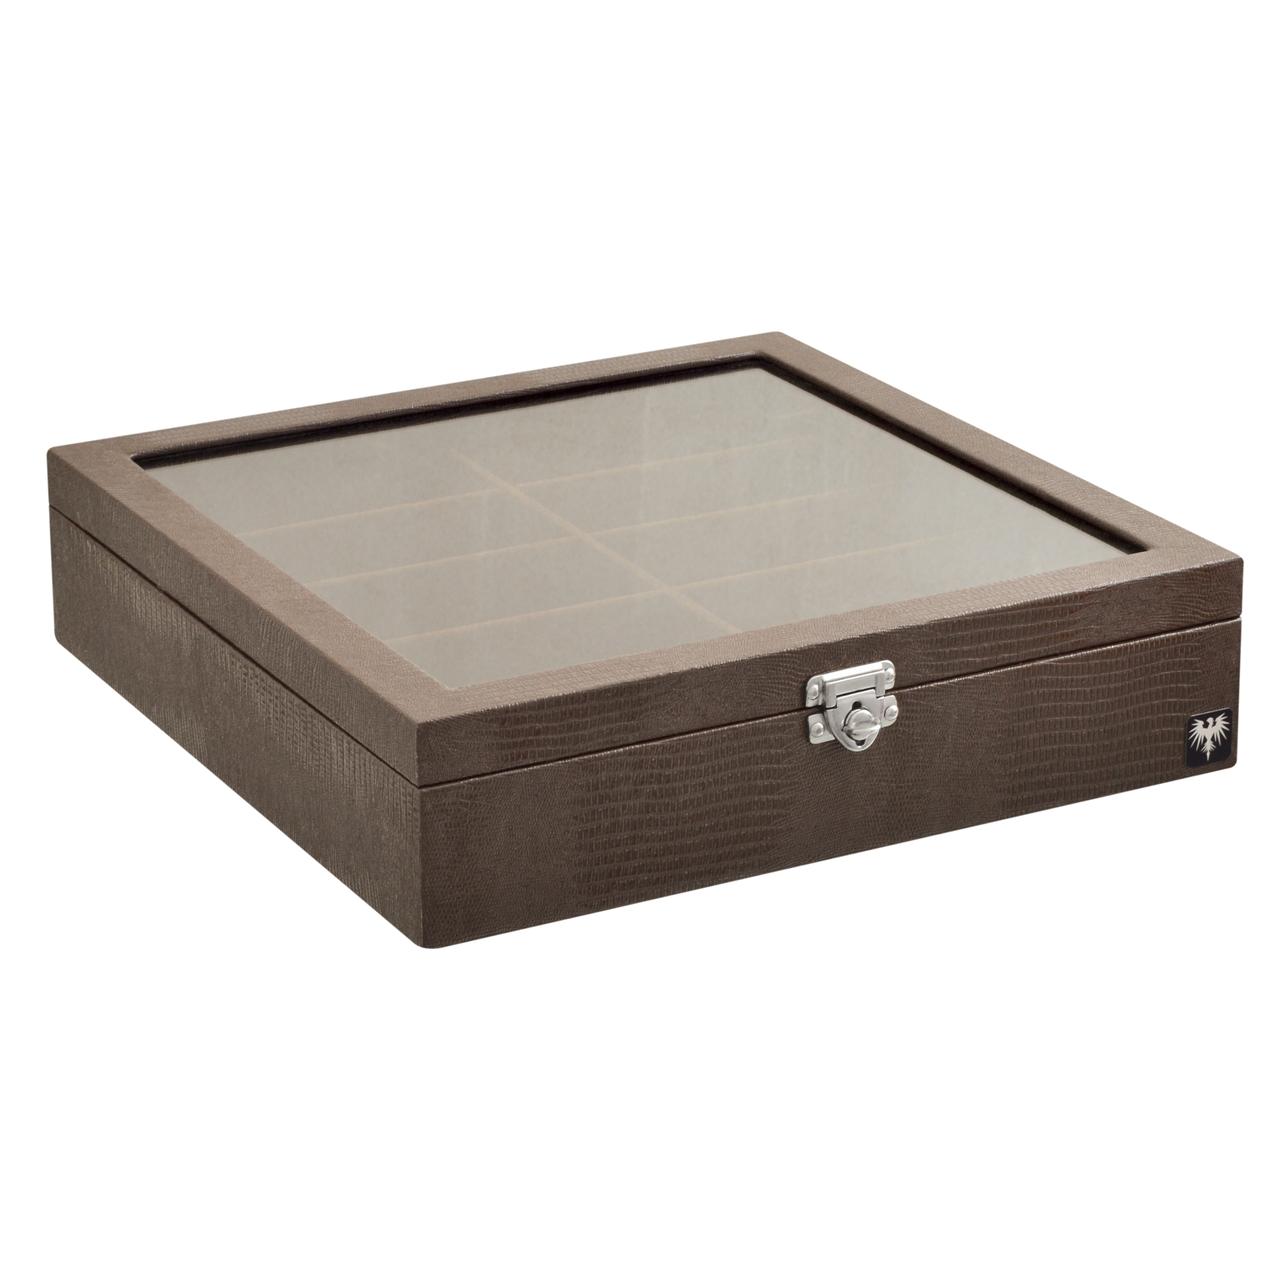 estojo-couro-ecologico-10-oculos-marrom-marrom-porta-caixa-imagem-12.jpg